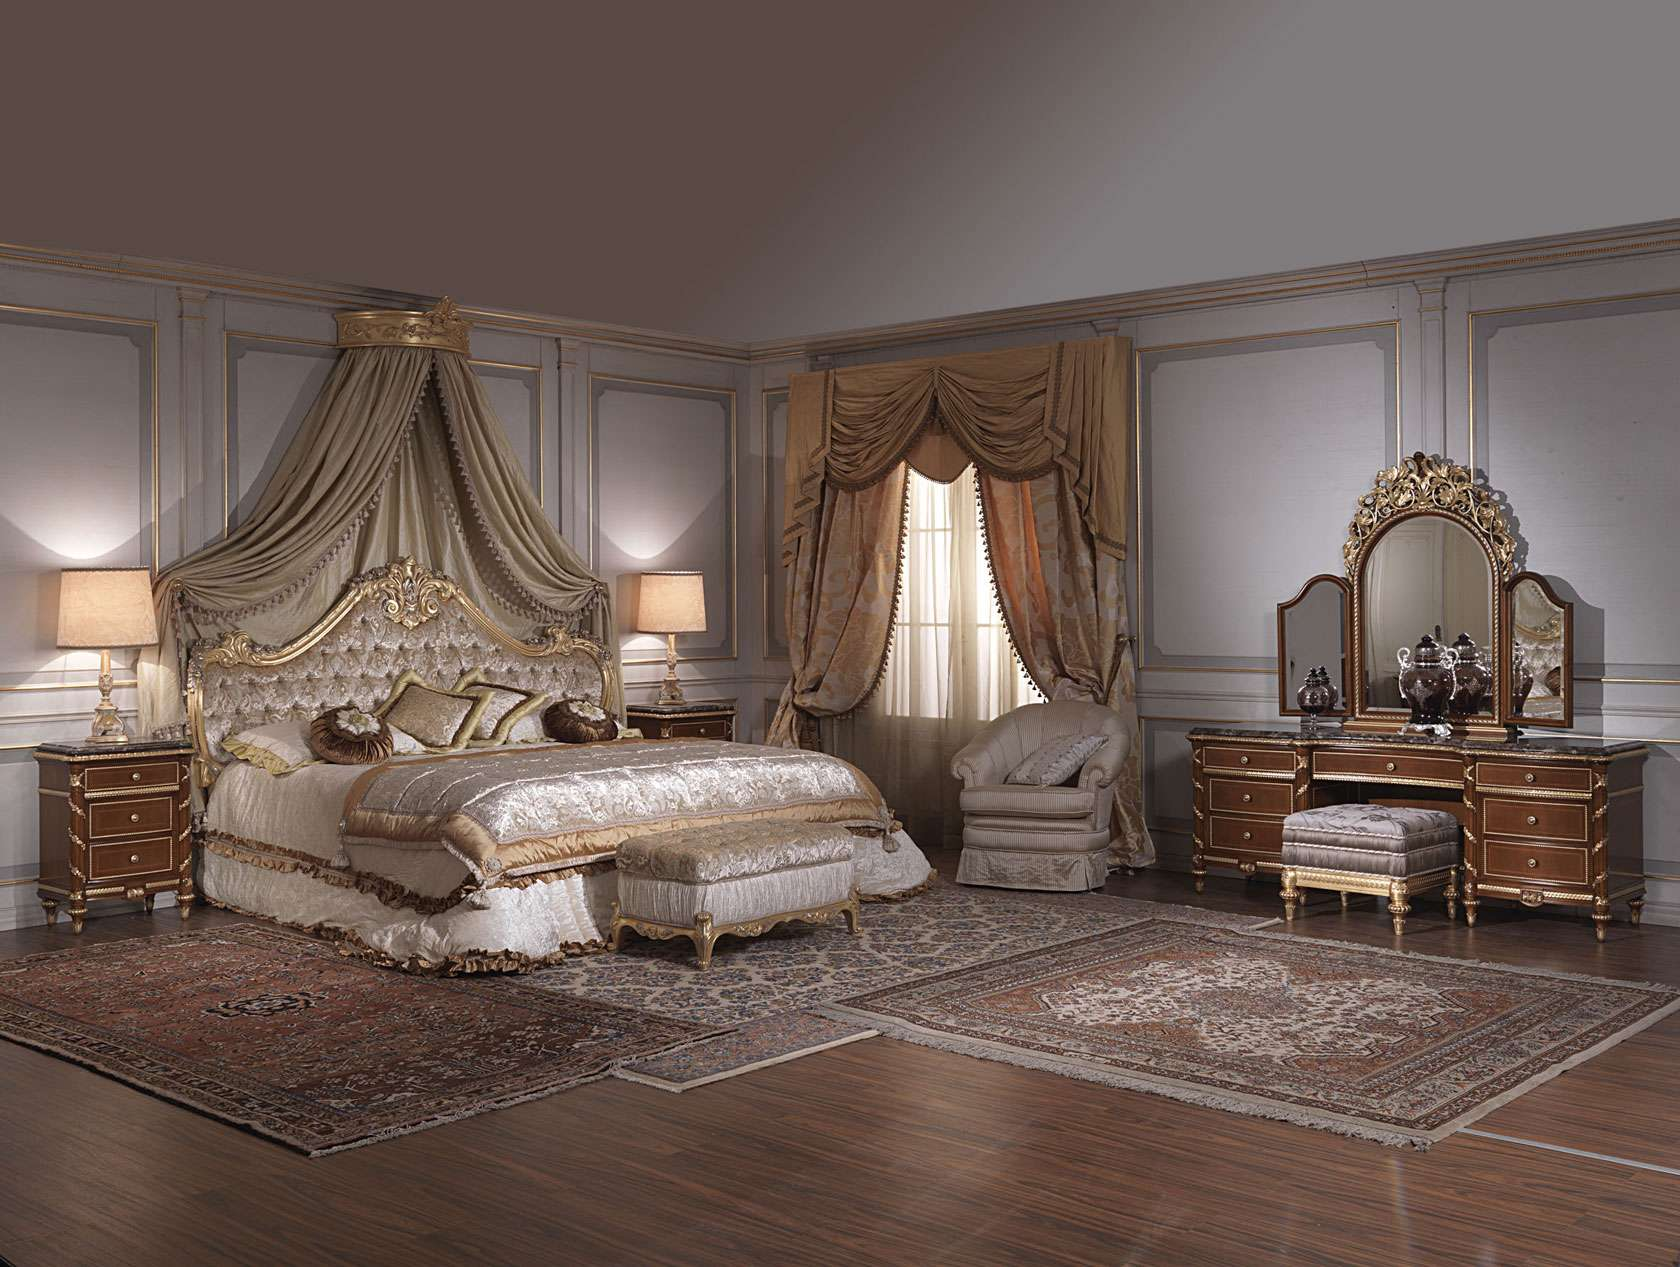 camera da letto classica 700 italiano, toilette e comodini luigi ... - Camera Da Letto Baldacchino